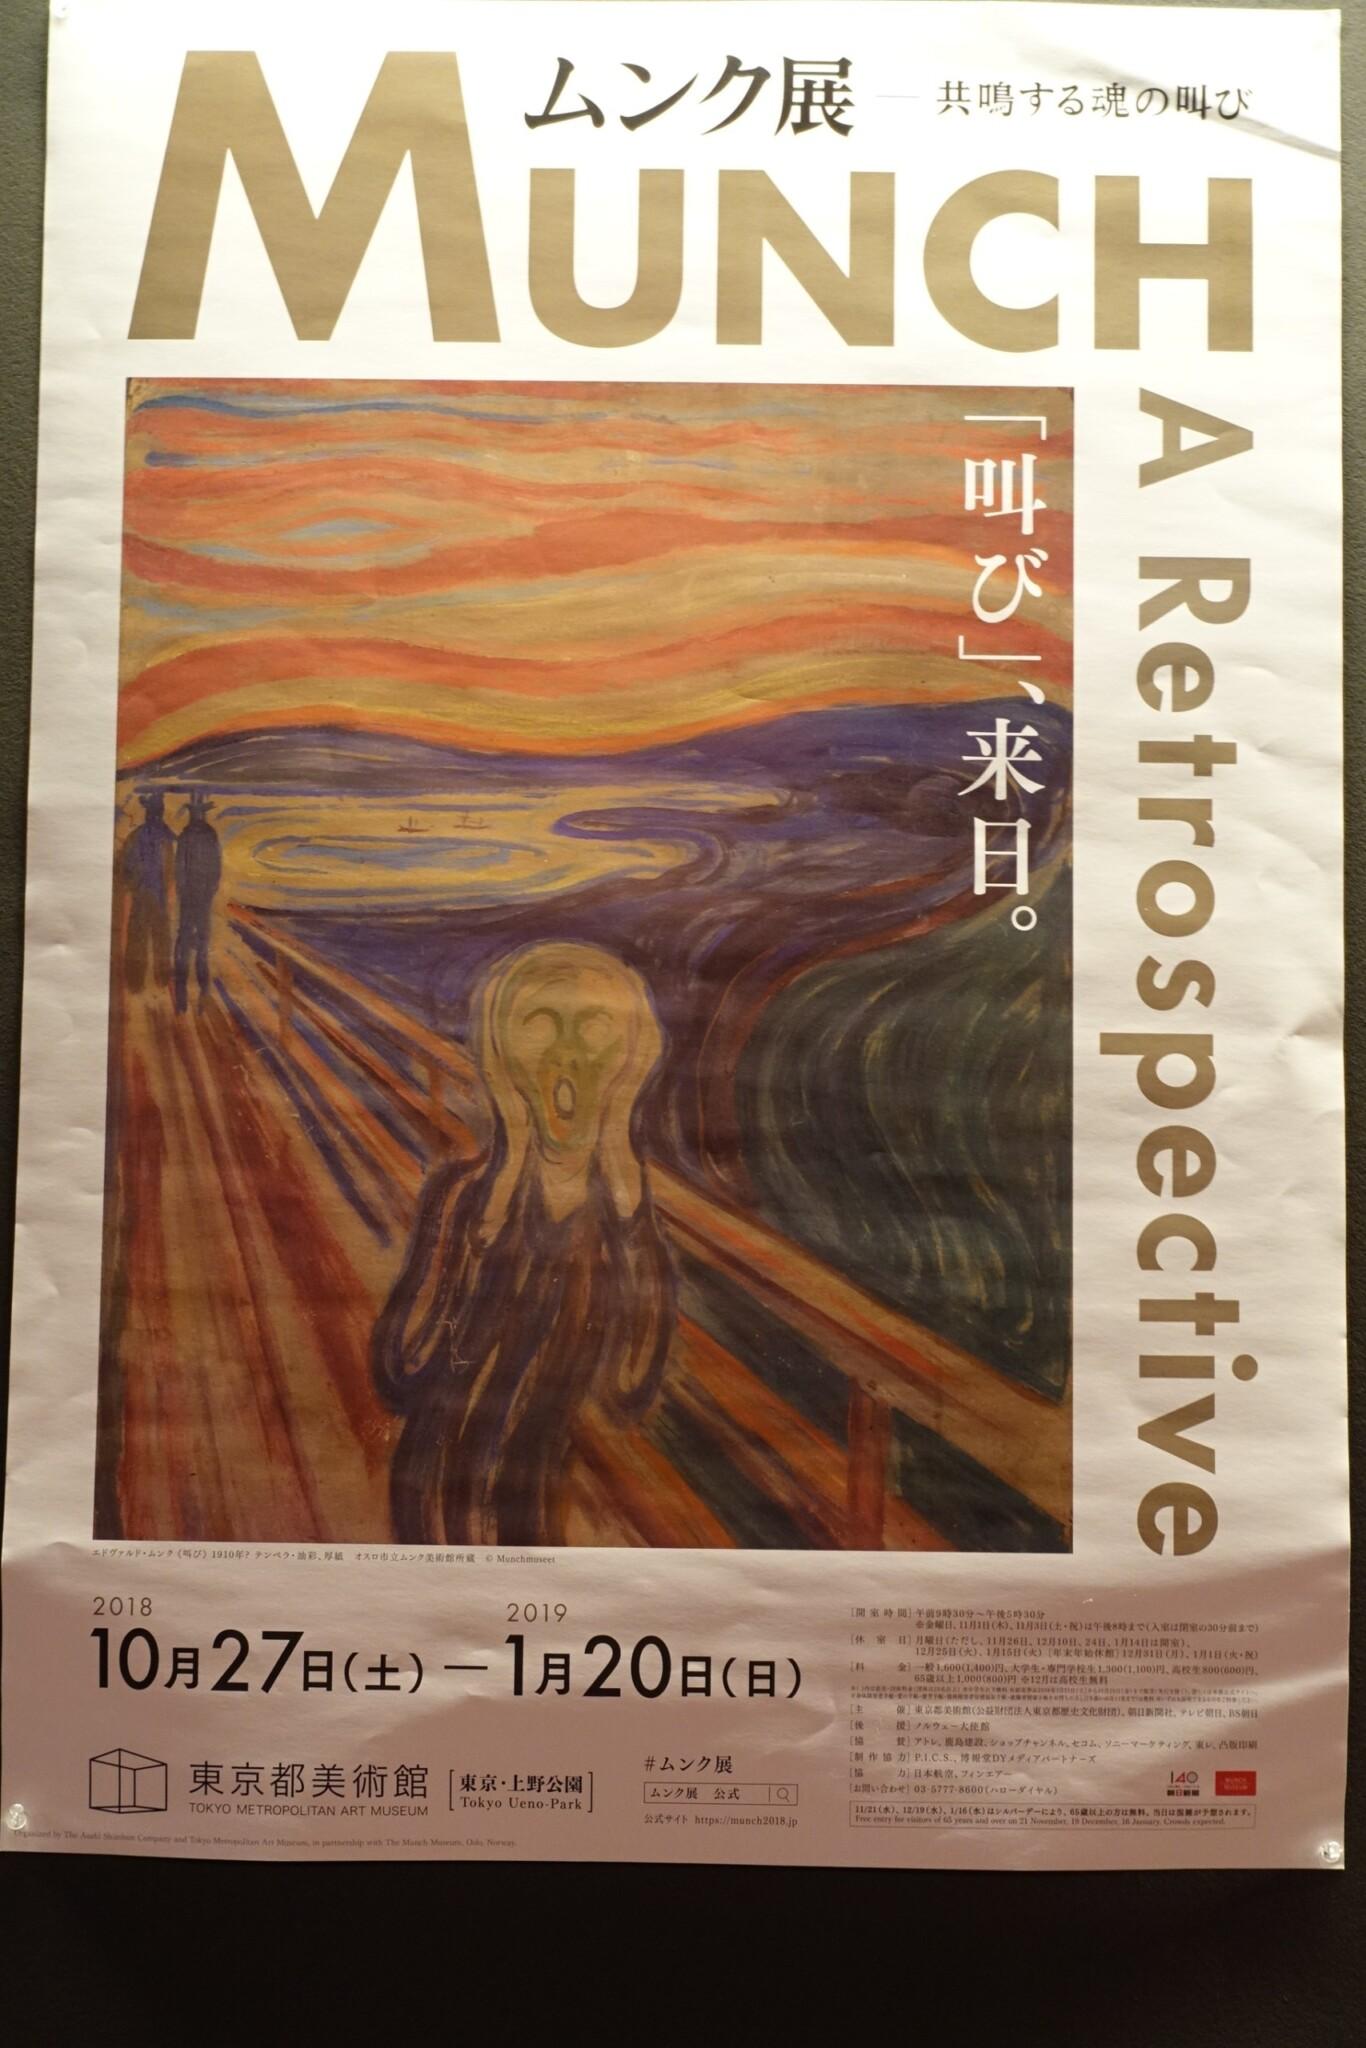 ムンク展―共鳴する魂の叫び@東京都美術館